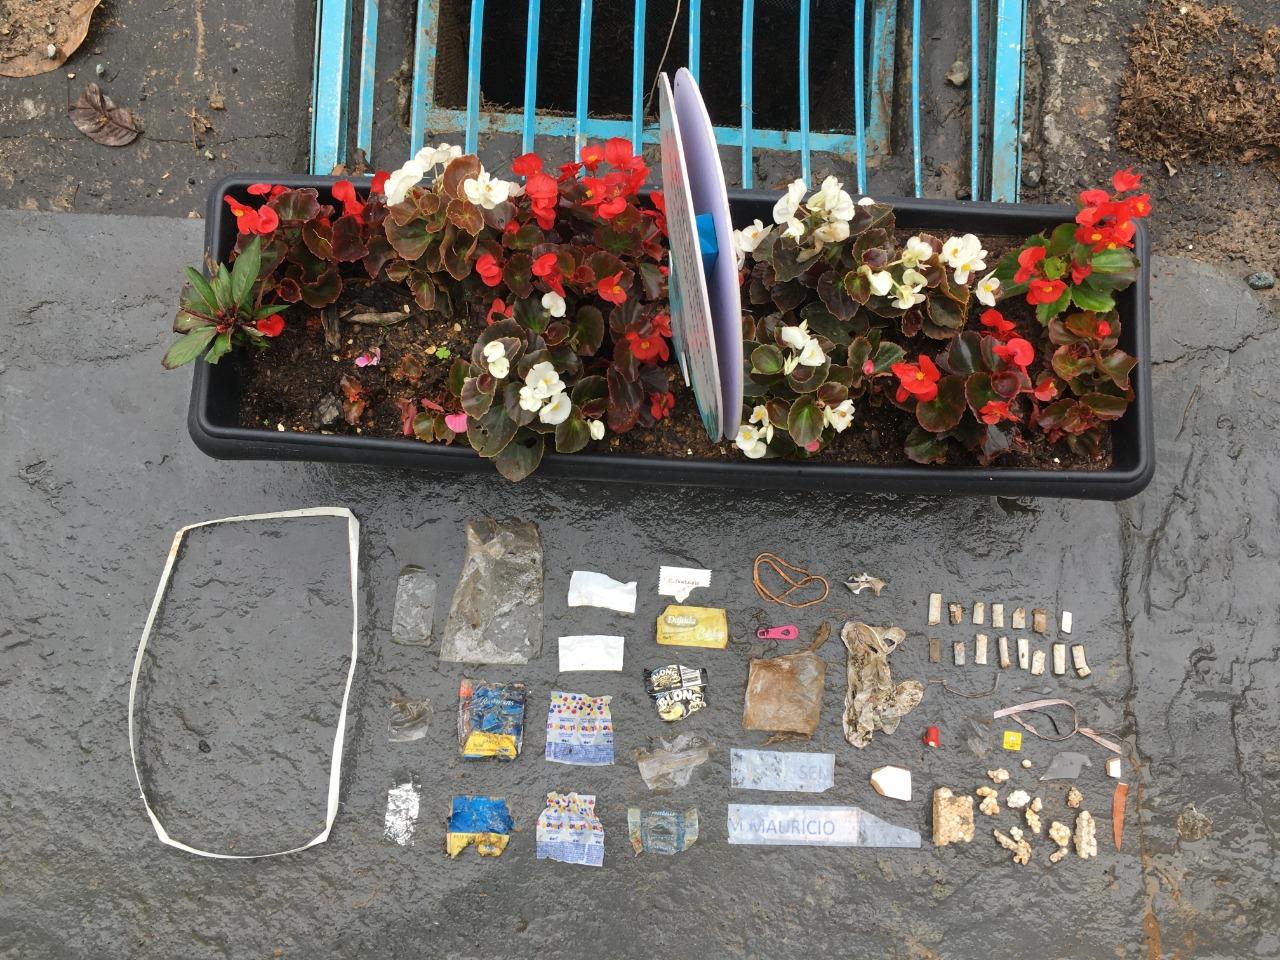 Resíduos plásticos filtrados pelo bueiro ecológico.